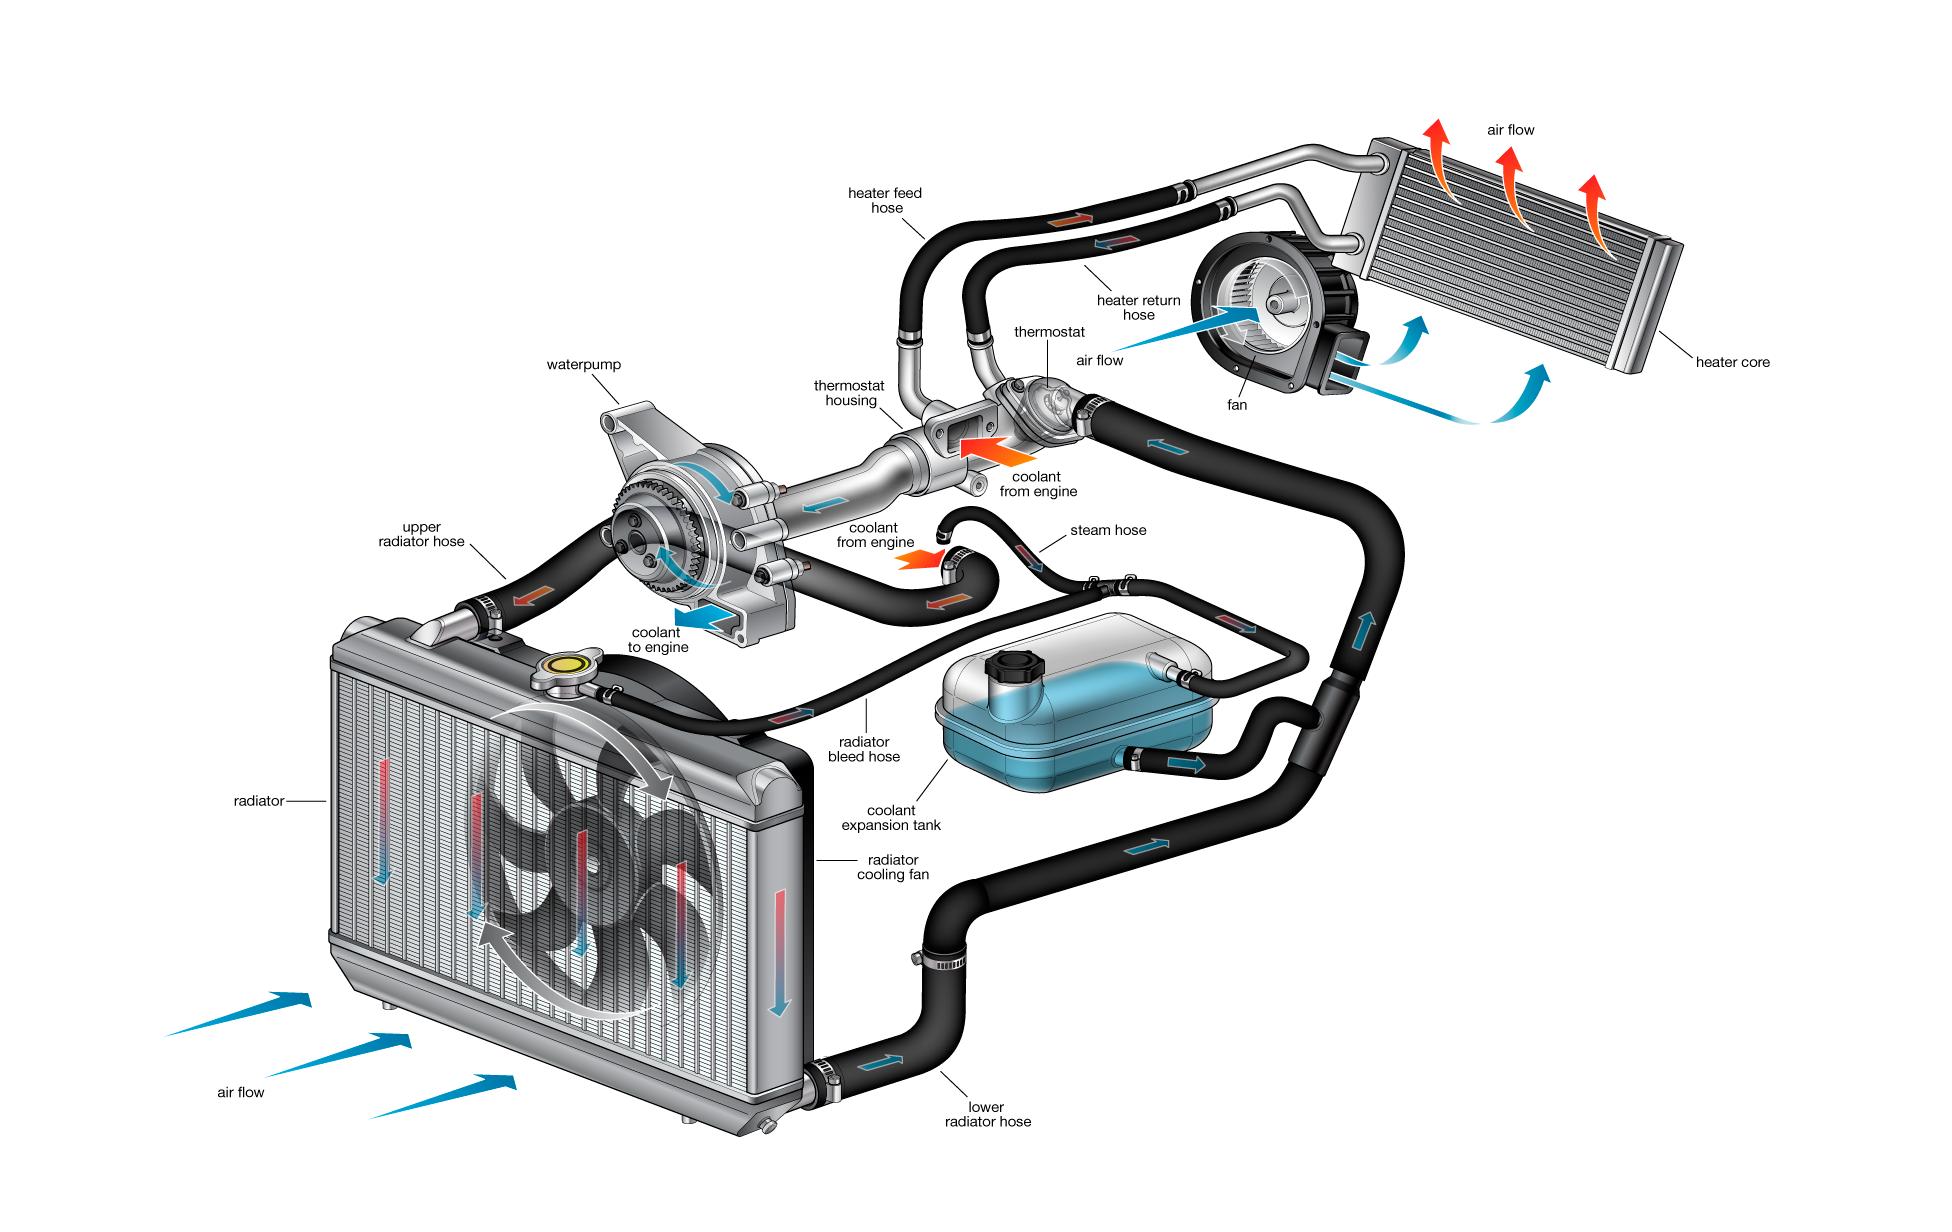 detailed description of cooling system